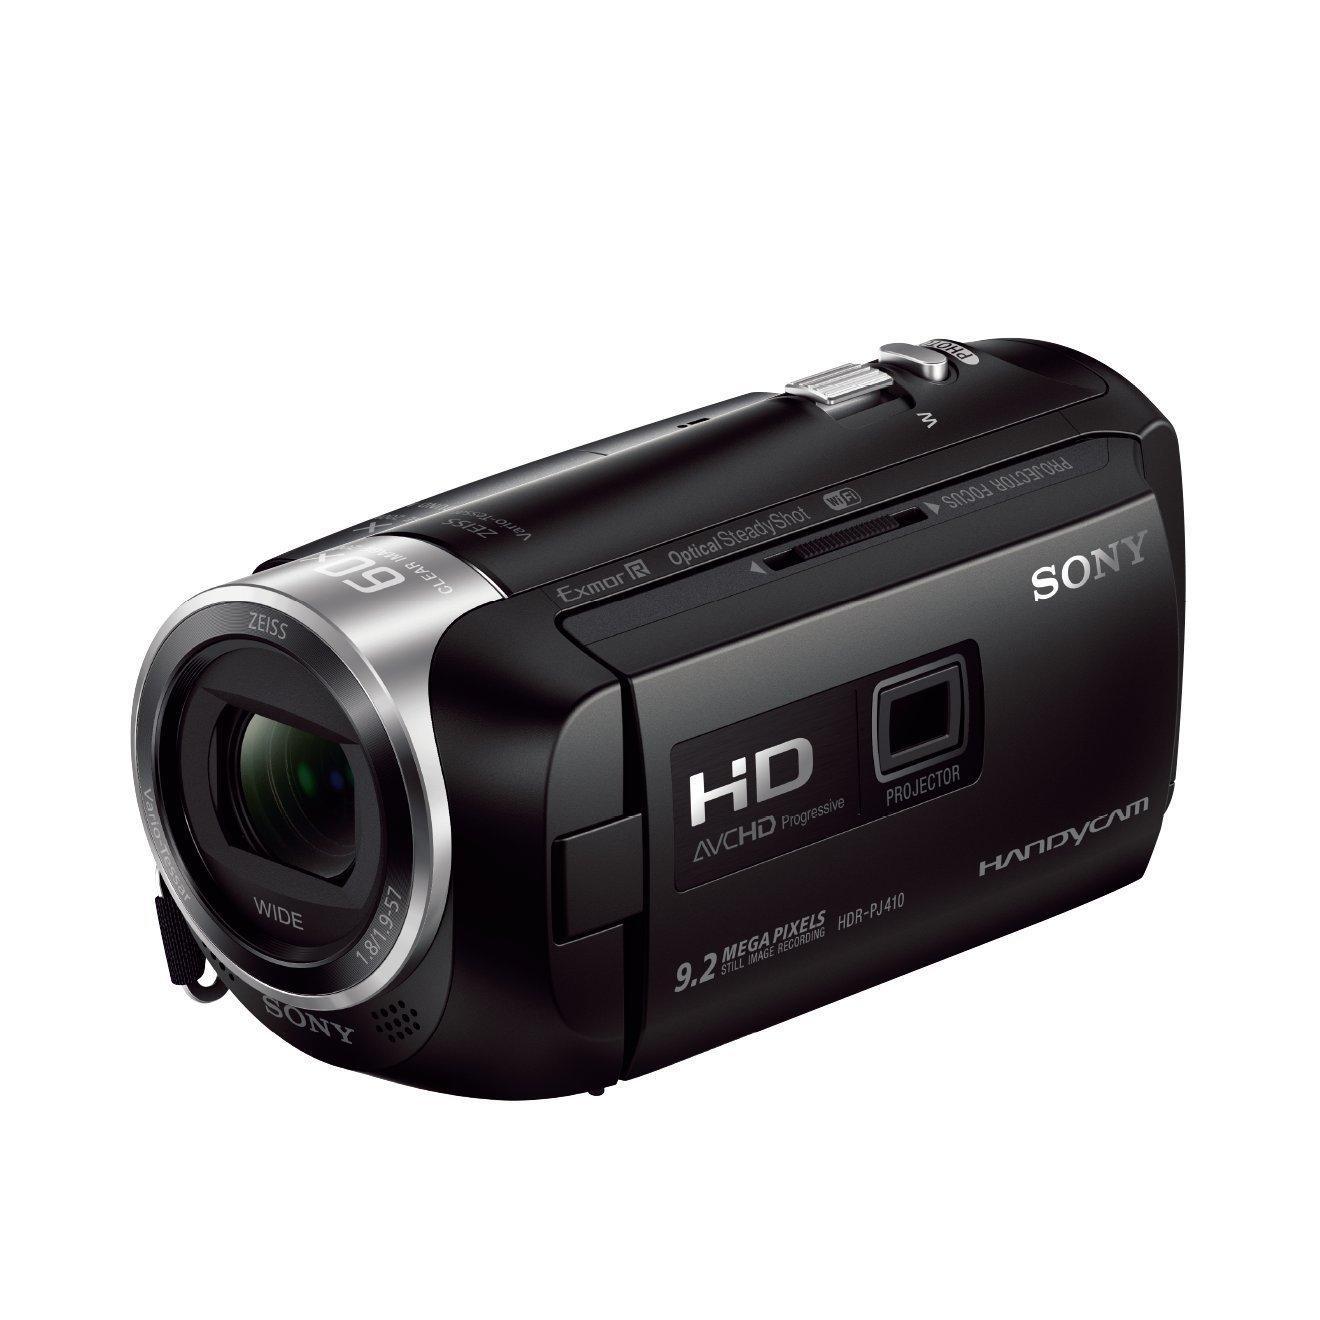 Camescope Sony HDR-PJ410 avec projecteur intégré, 1080p, Zoom optique 30x, 2.51 Mpix (30€  ODR)